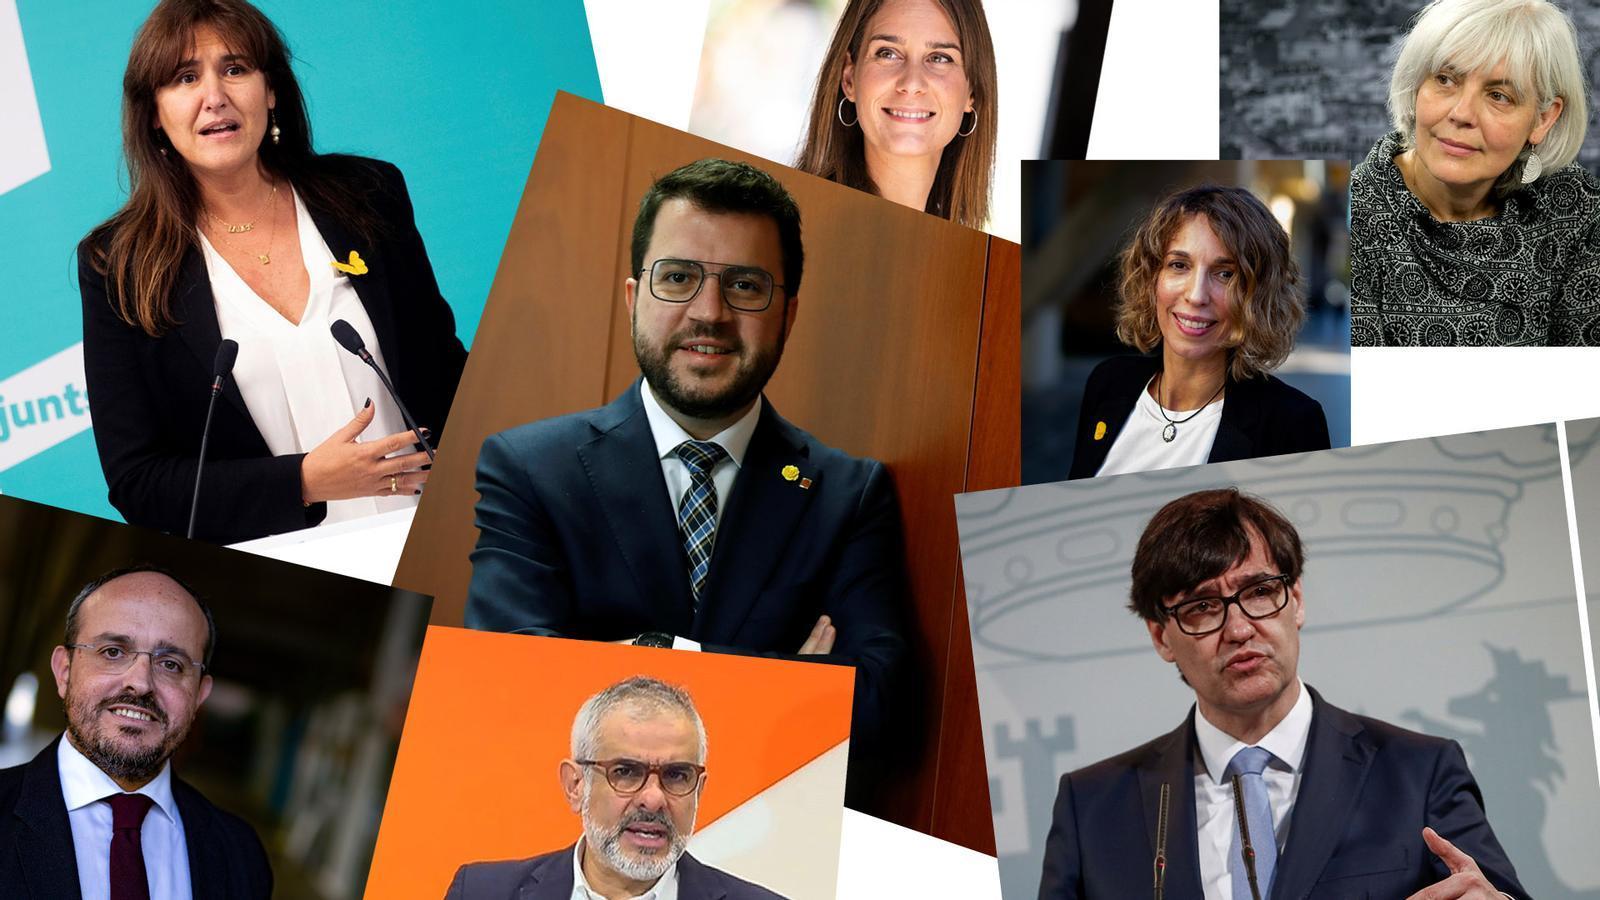 L'anàlisi d'Antoni Bassas: Cal suspendre les eleccions?